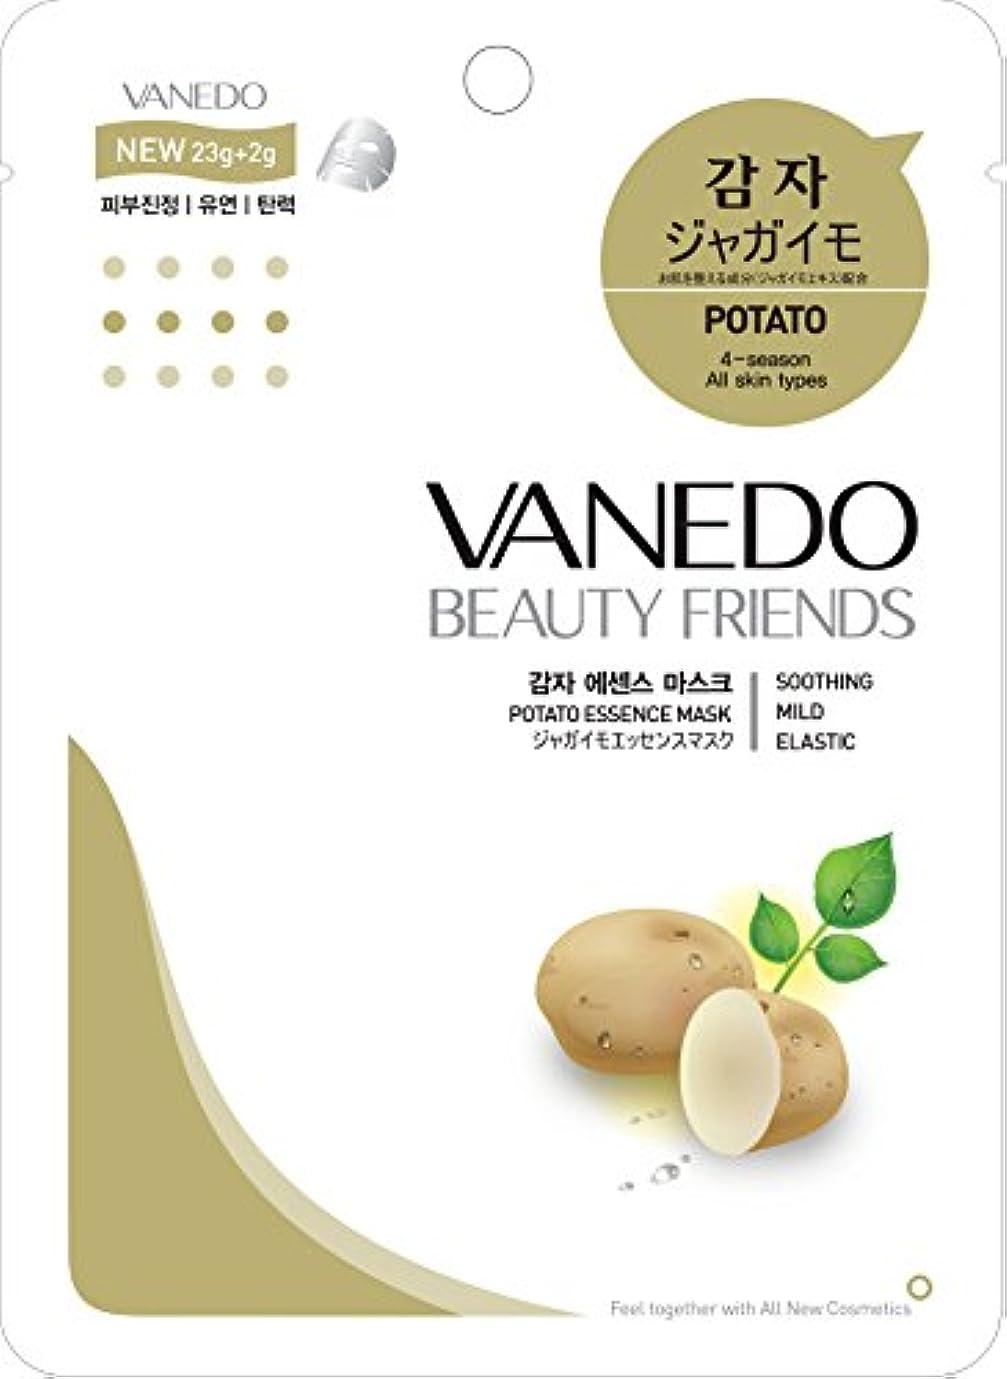 シーサイド公とにかく【VANEDO】バネド シートマスク ジャガイモ 10枚セット/エッセンス/保湿/フェイスマスク/フェイスパック/マスクパック/韓国コスメ [メール便]